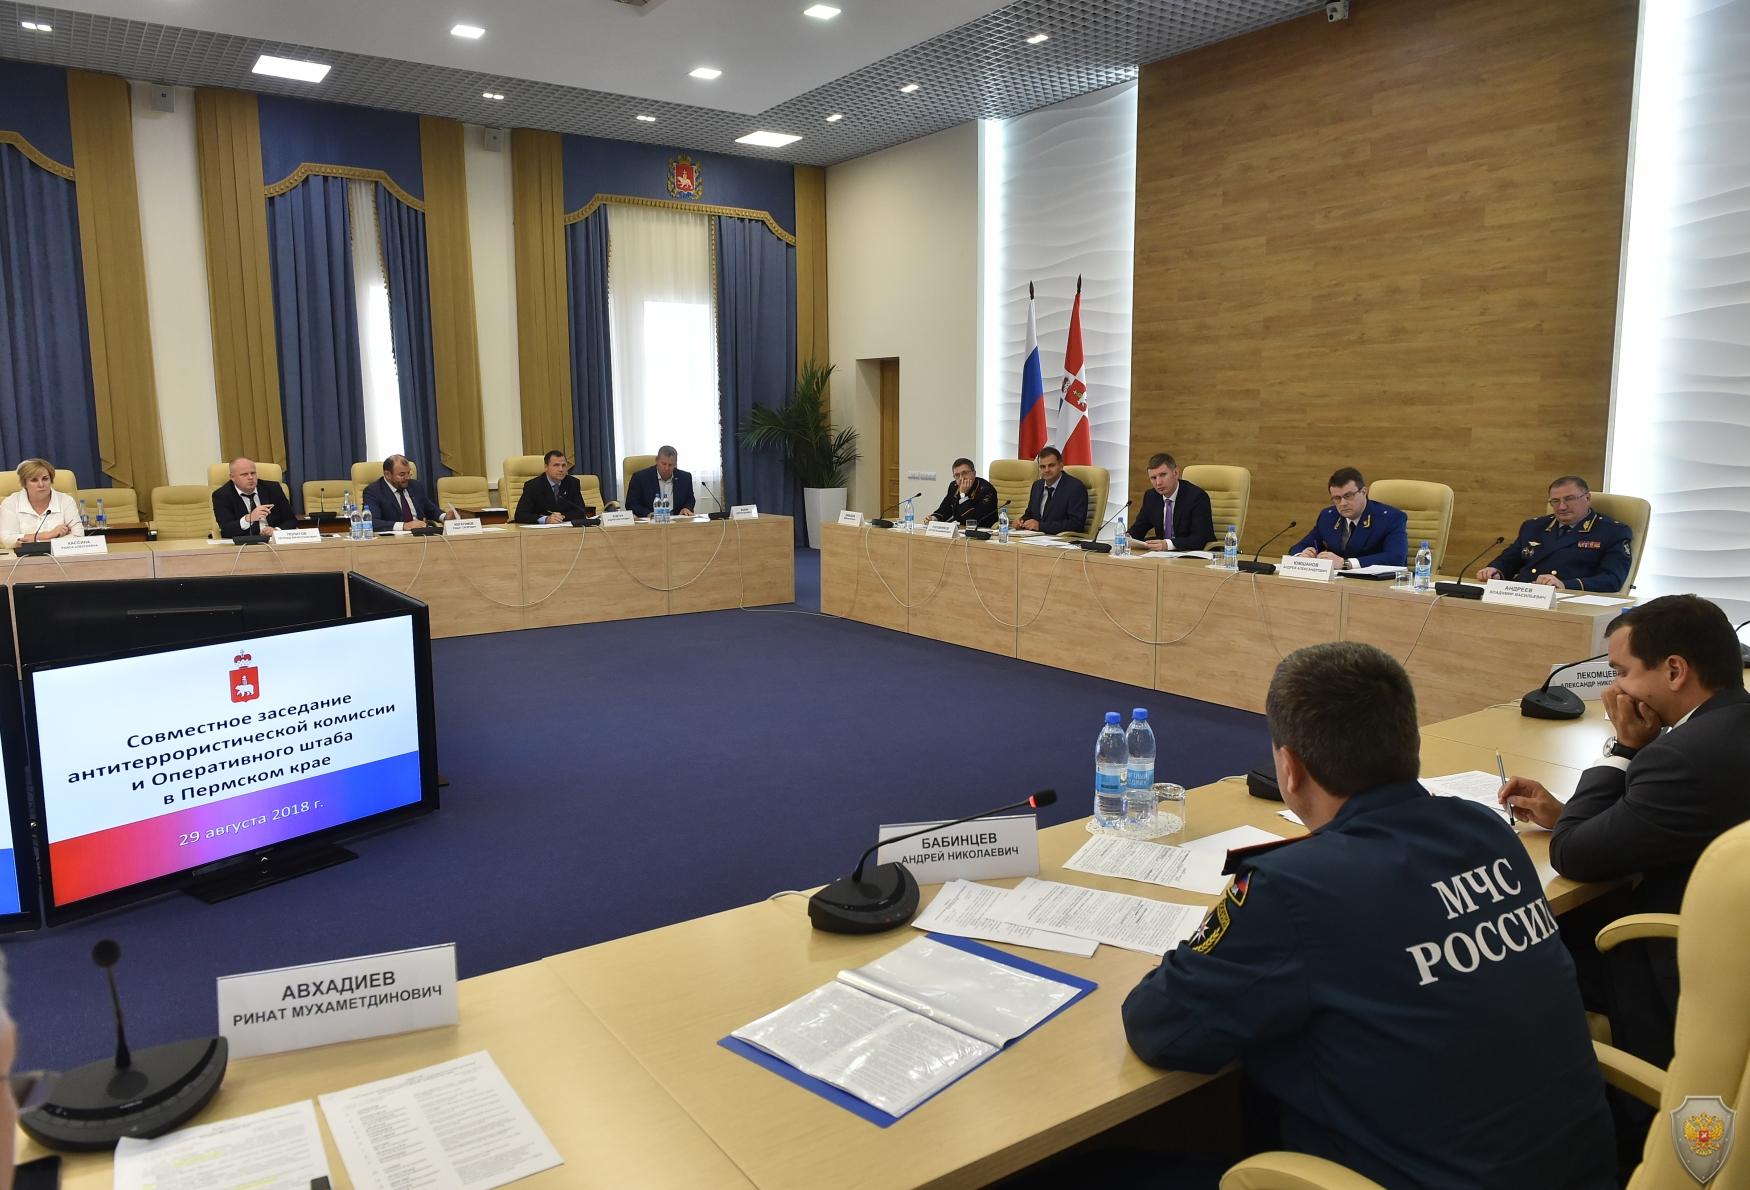 Прошло совместное заседание антитеррористической комиссии и Оперативного Штаба в Пермском крае